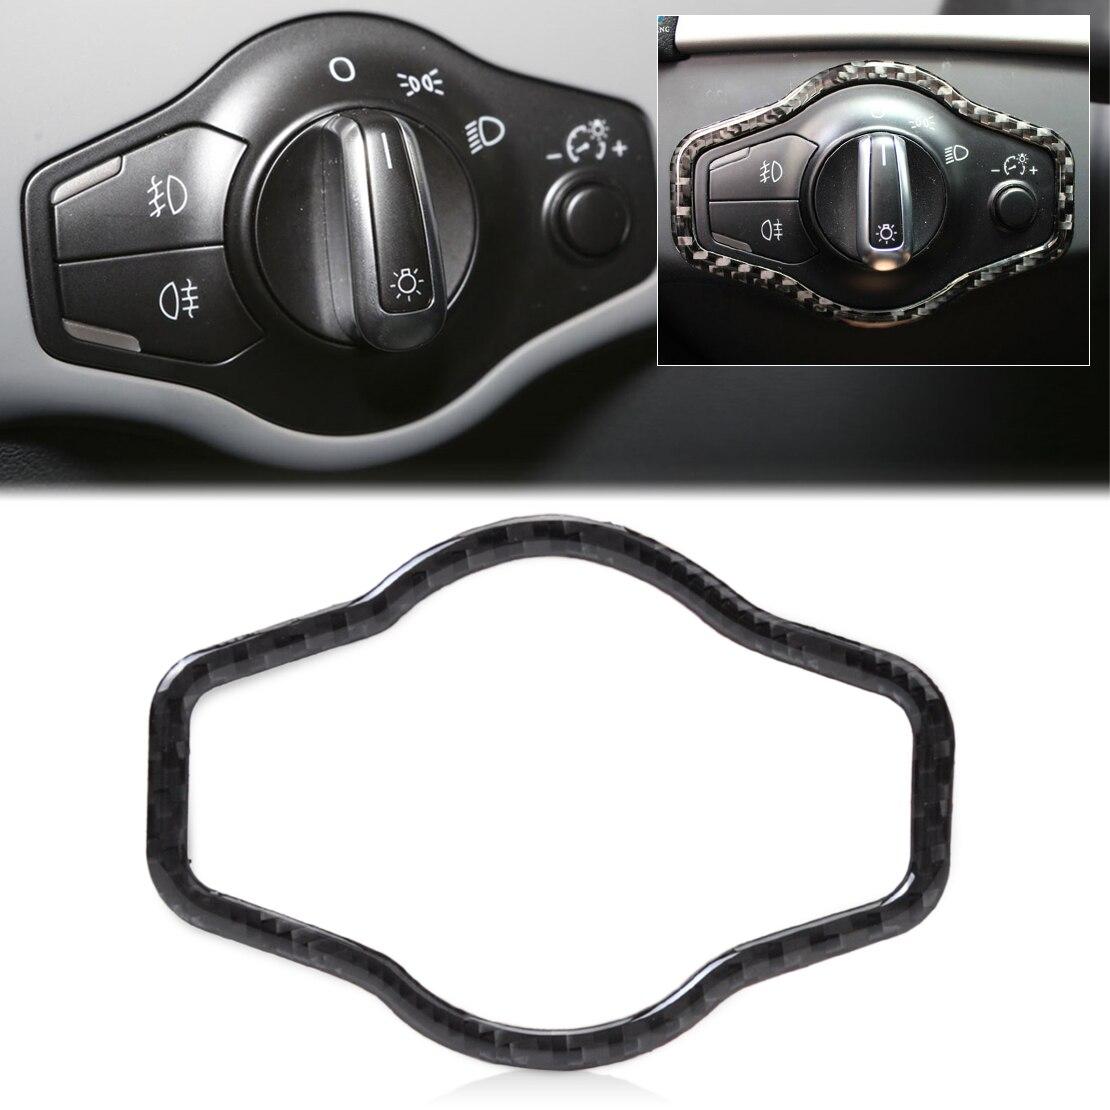 DWCX car-styling 1pc Carbon Fiber Headlight Button Cover Trim For Audi A4 B8 A5 Q5 8R 2008 2009 2010 2011 2012 2013 2014 2015